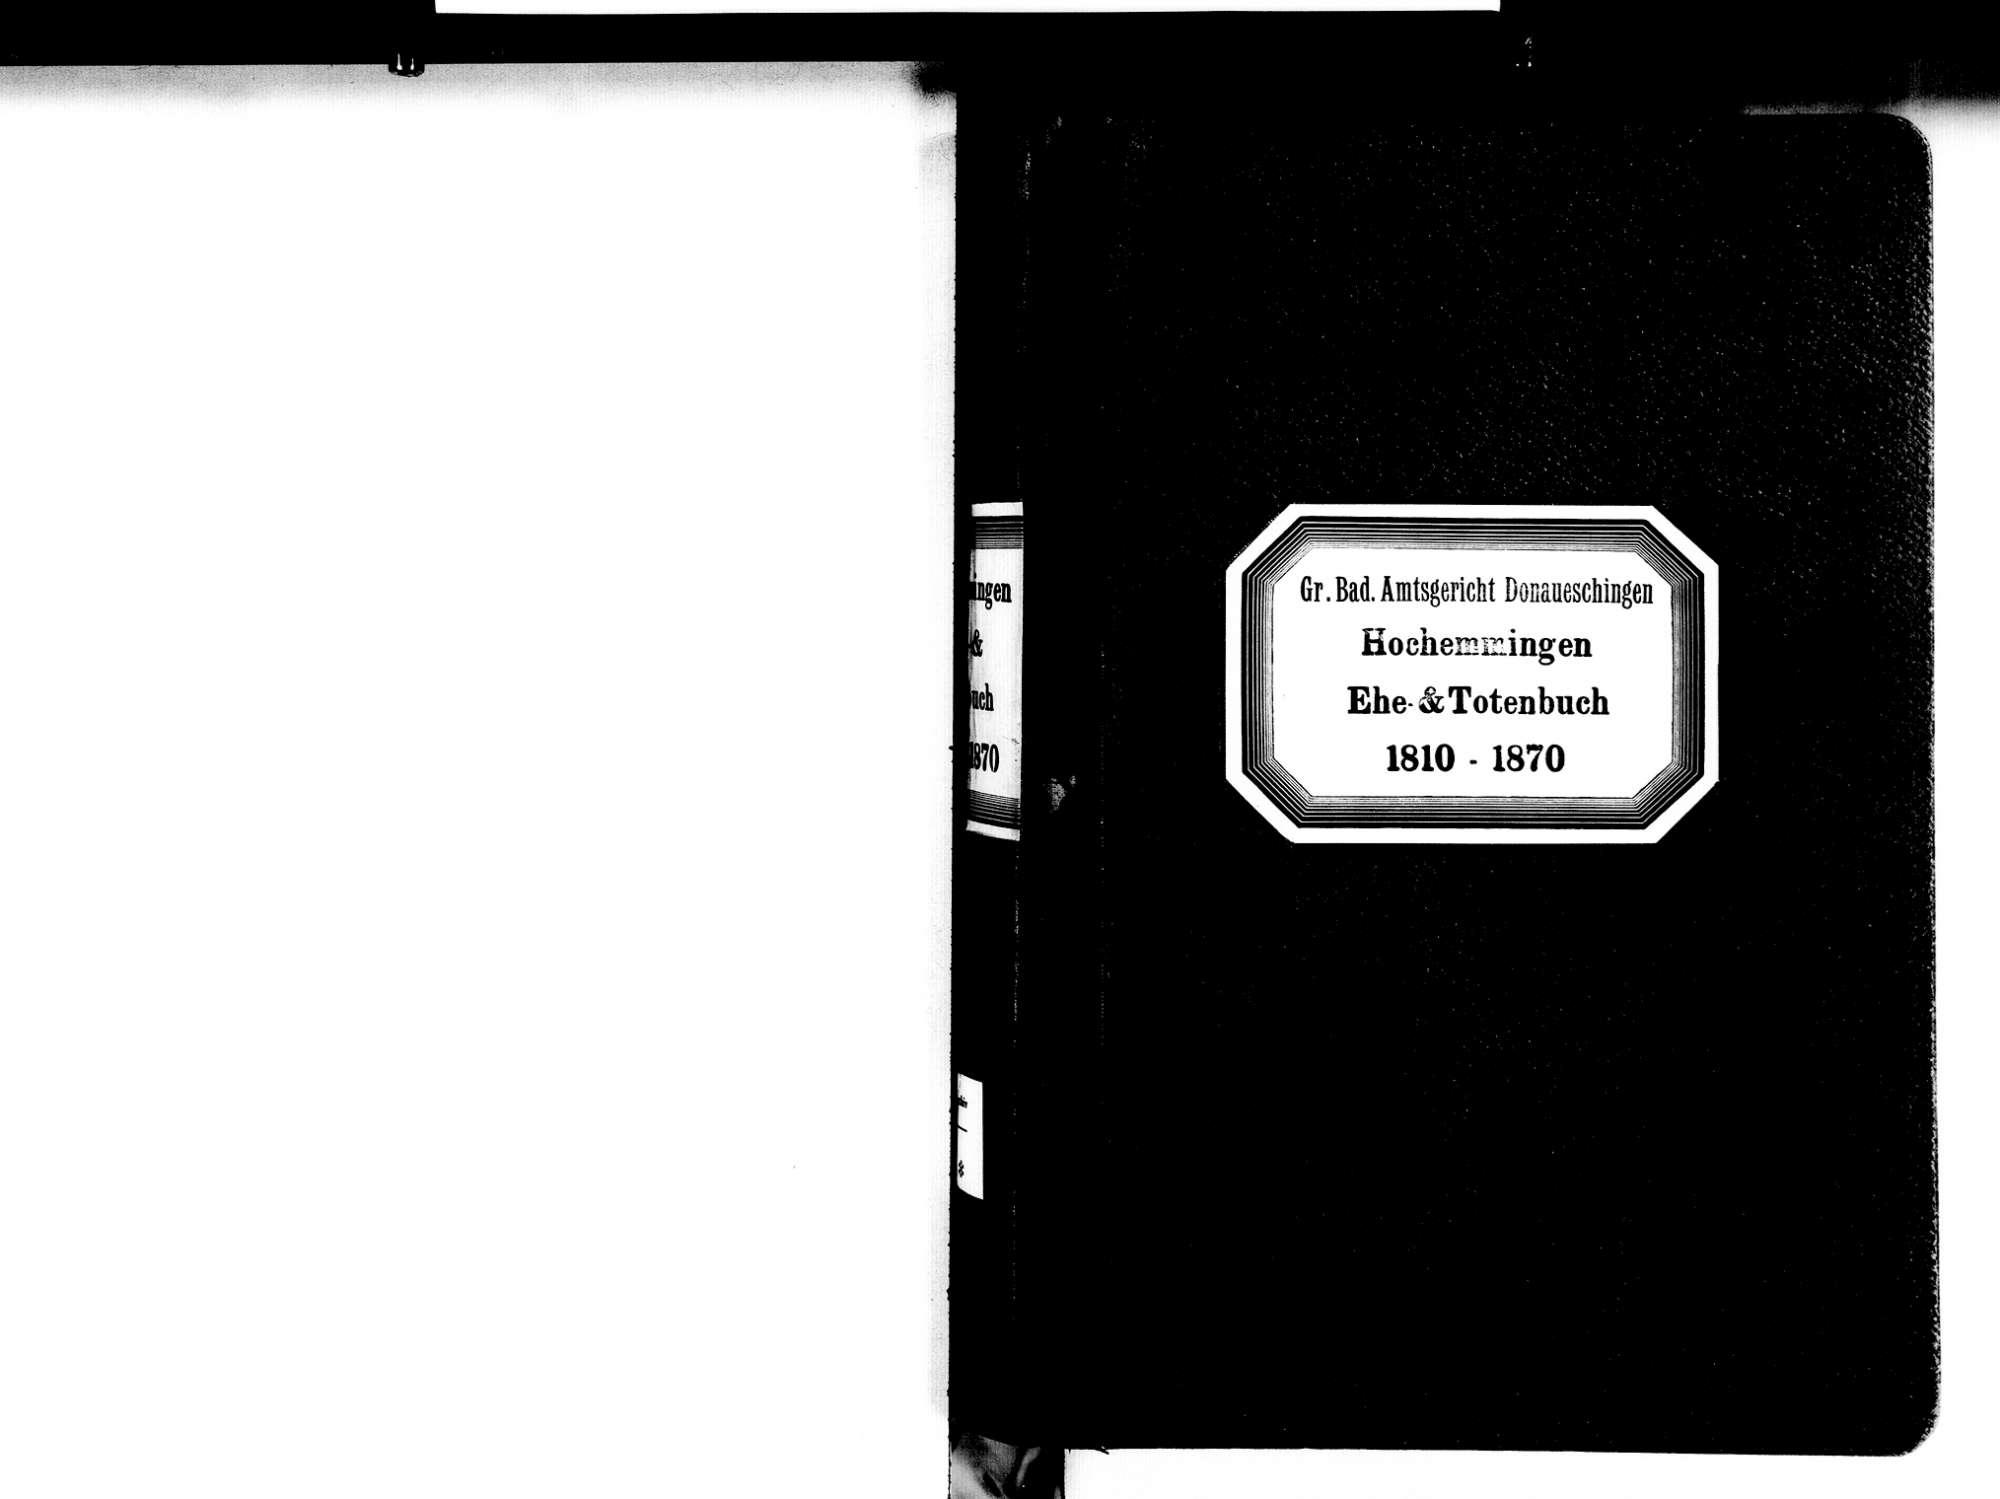 Hochemmingen, Bad Dürrheim VS; Katholische Gemeinde: Heirats- und Sterbebuch 1810-1870, Bild 3